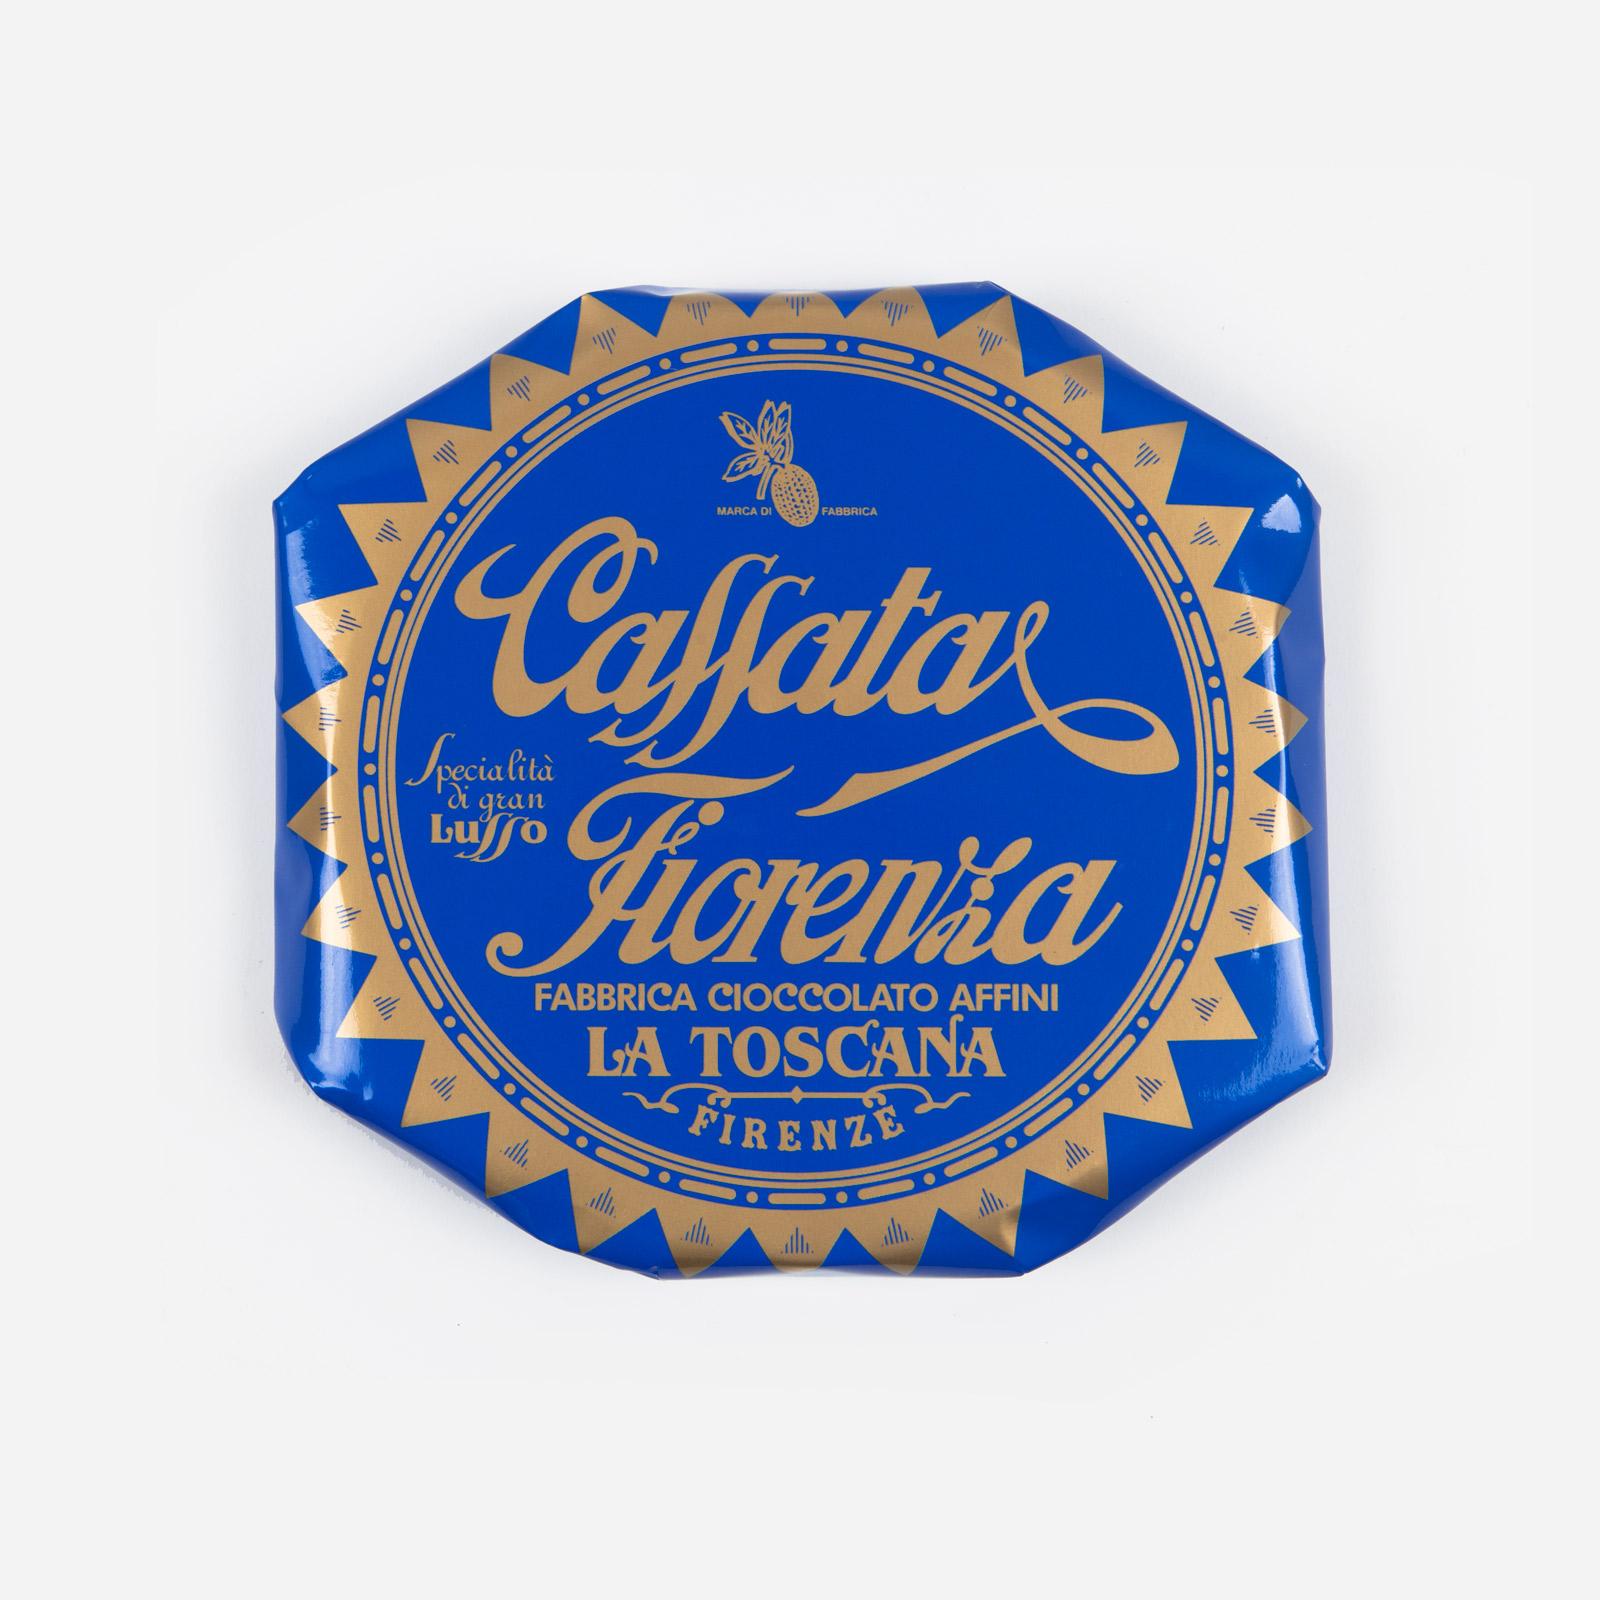 cassata fiorentina IMG 6178 2